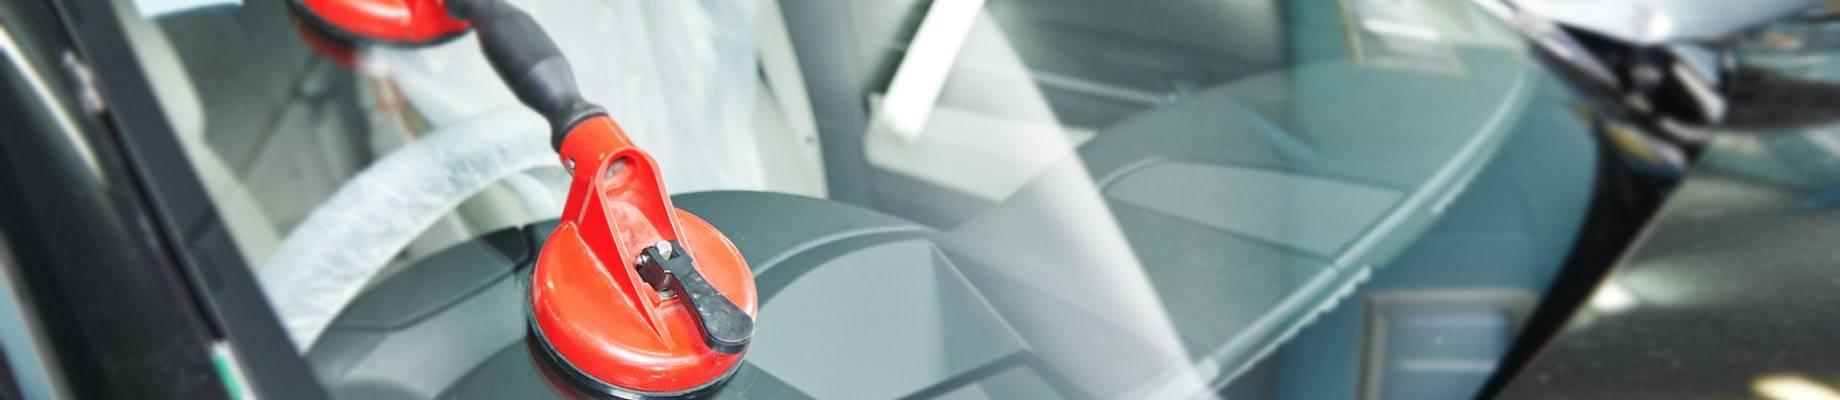 Рено флюенс лобовое стекло с подогревом